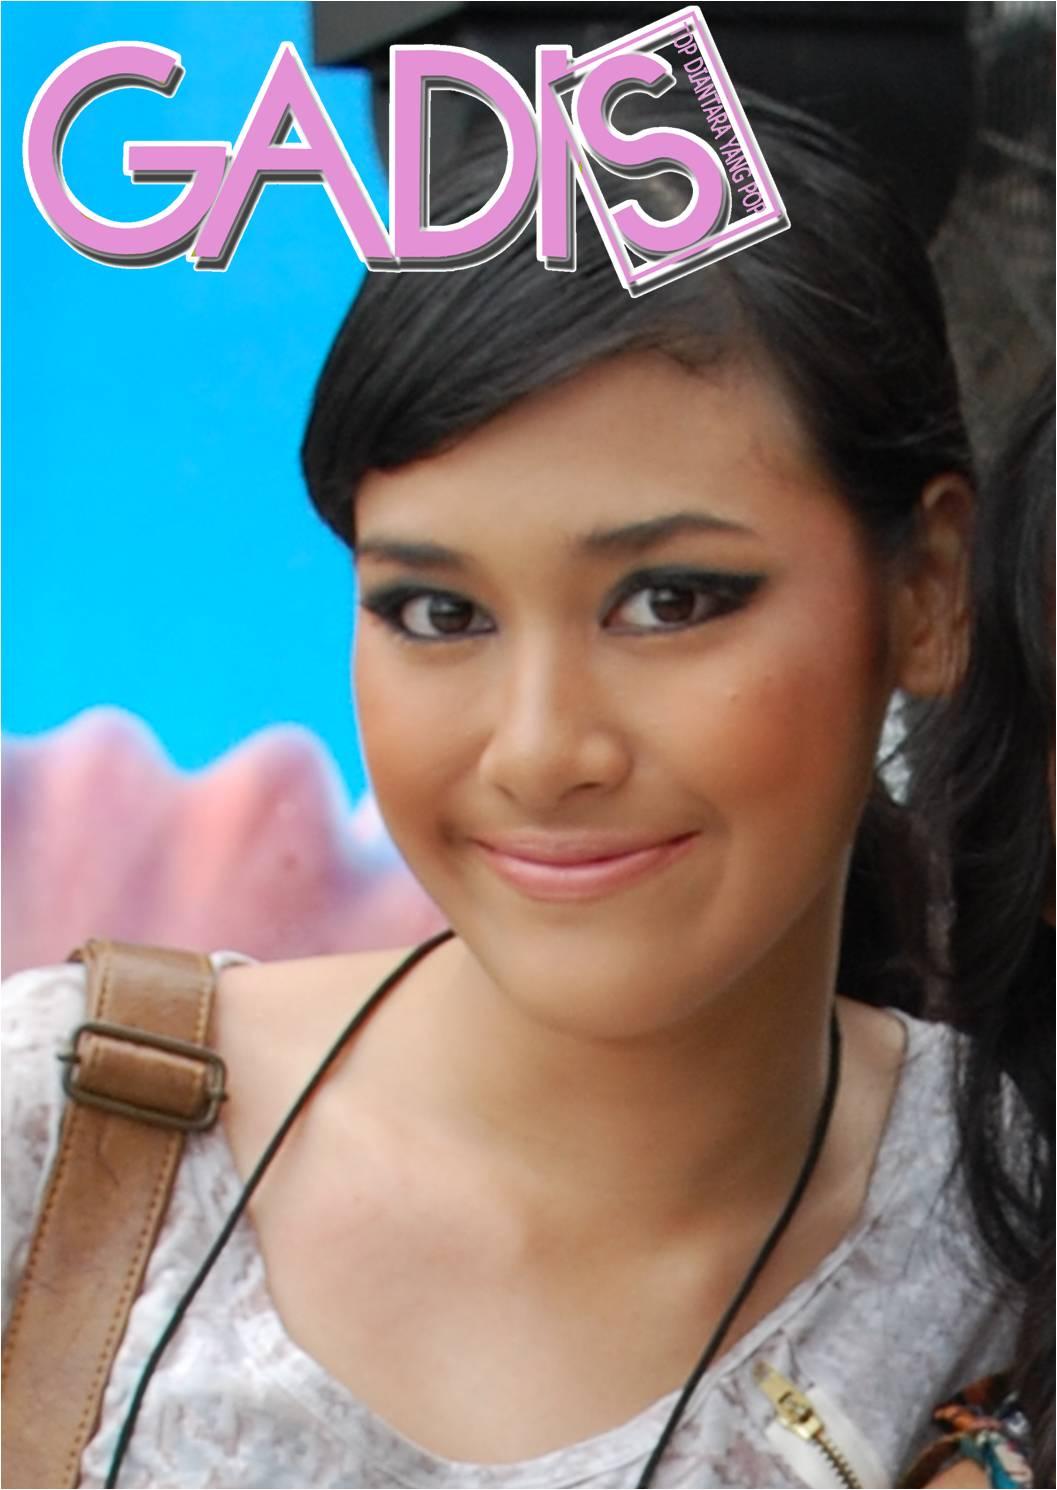 Pemenang Gadis Sampul 2010 ini memang cantik luar biasa. Mukanya